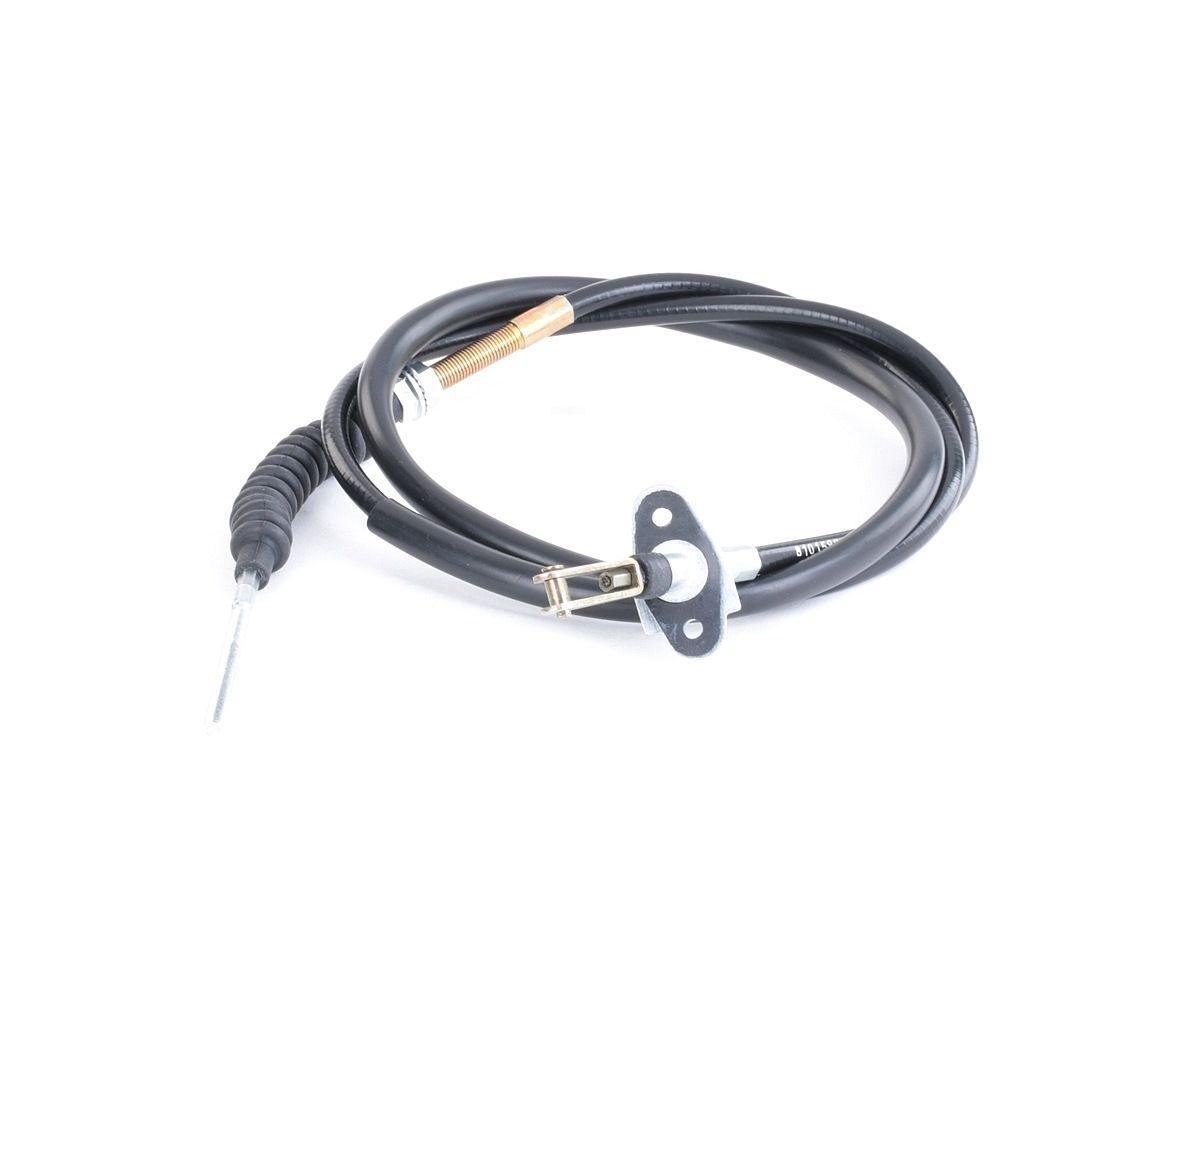 BMW 4er Kupplungsseil - Original RIDEX 478S0041 für Linkslenker